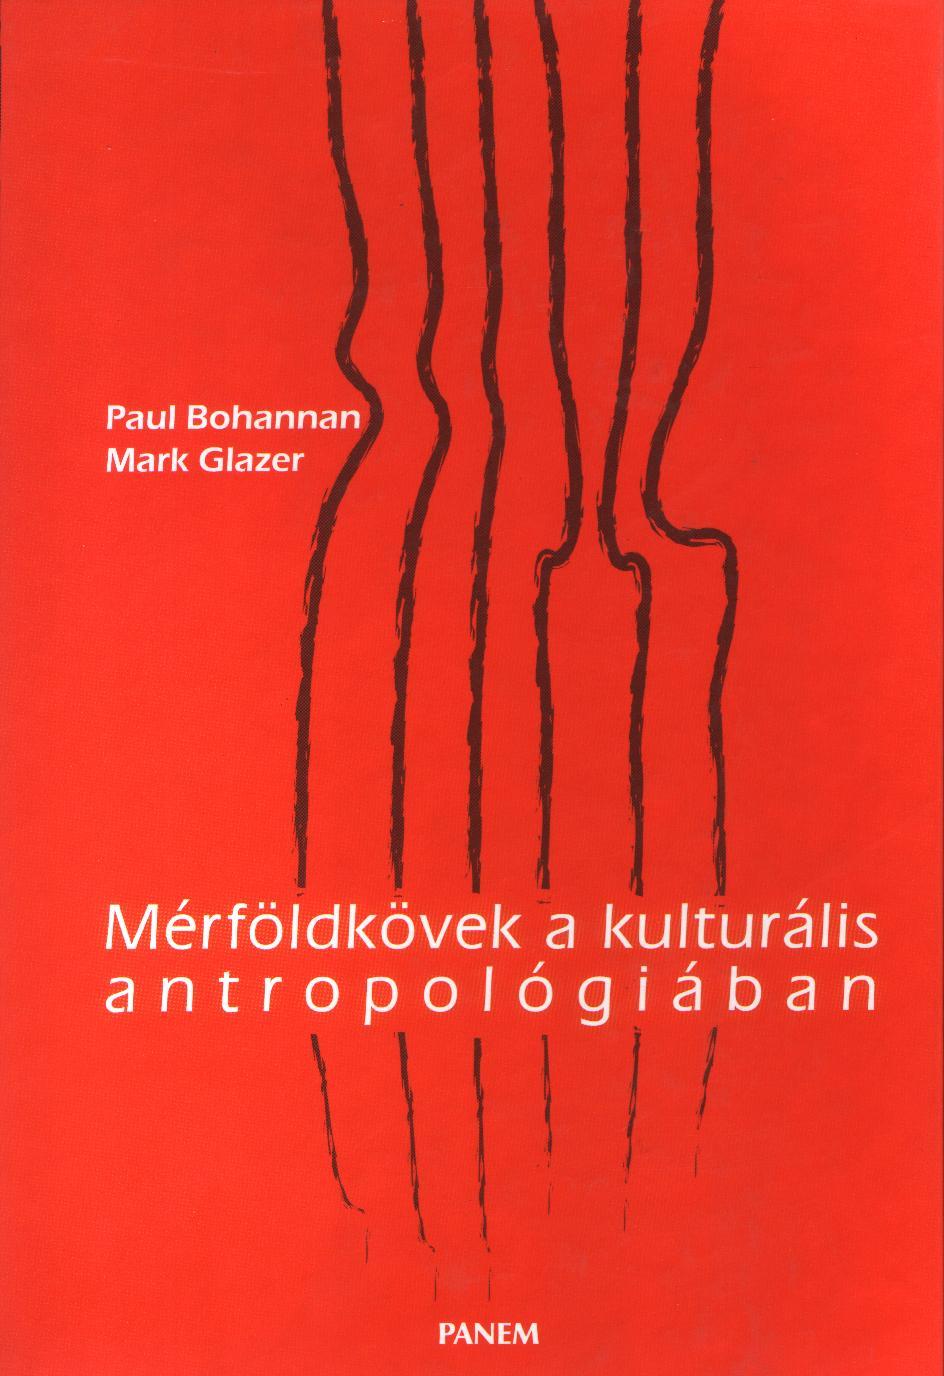 Mérföldkövek a kulturális antropológiában